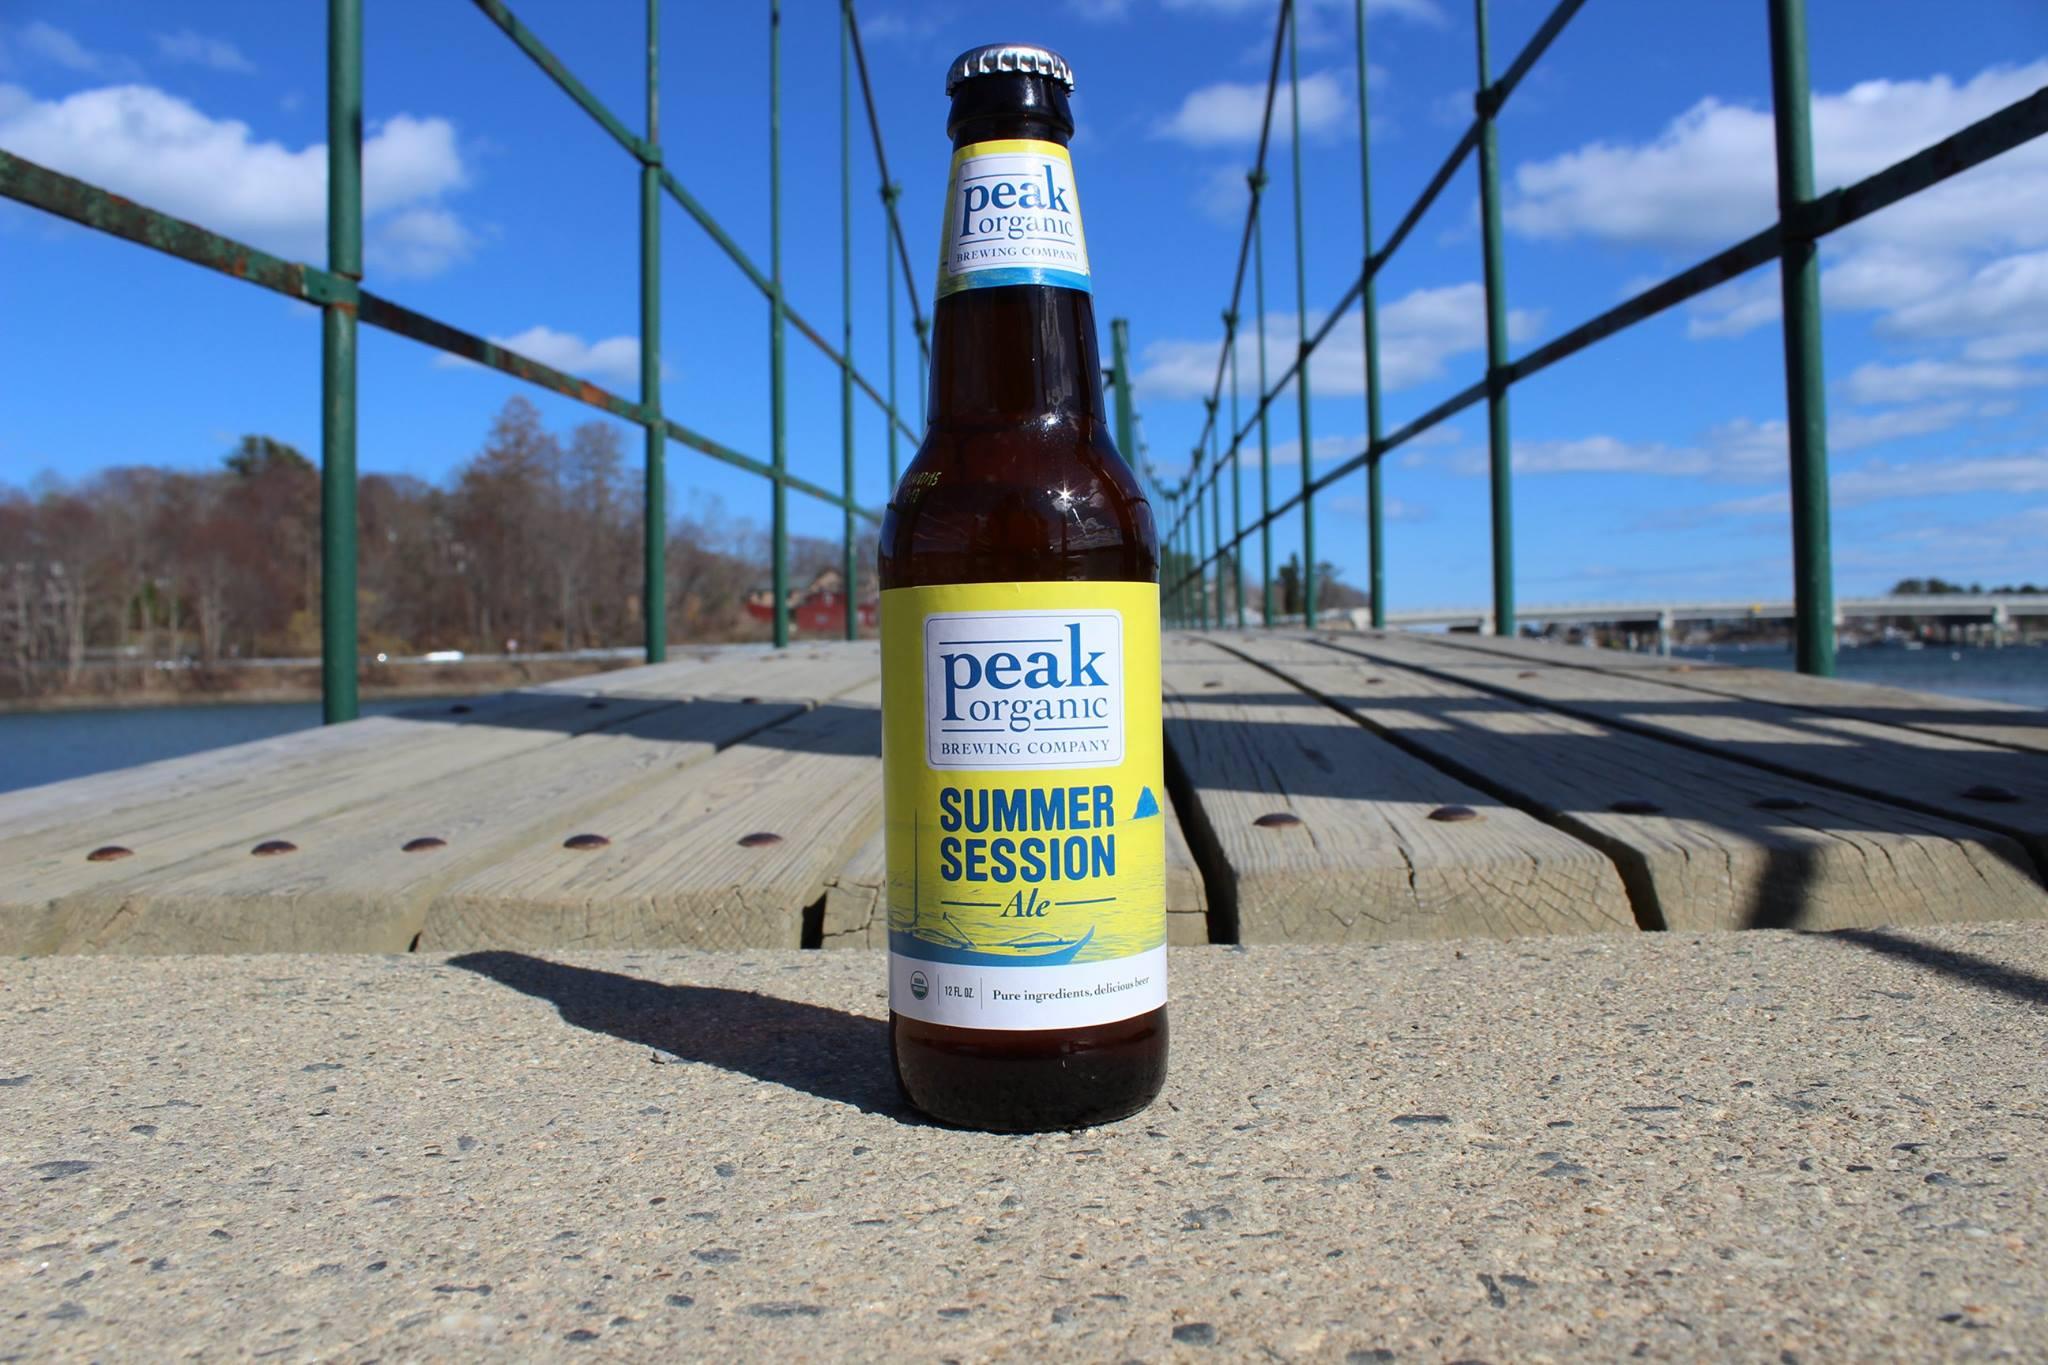 kijk uit voor popul kosten charme What Is Organic Beer? - Food Republic